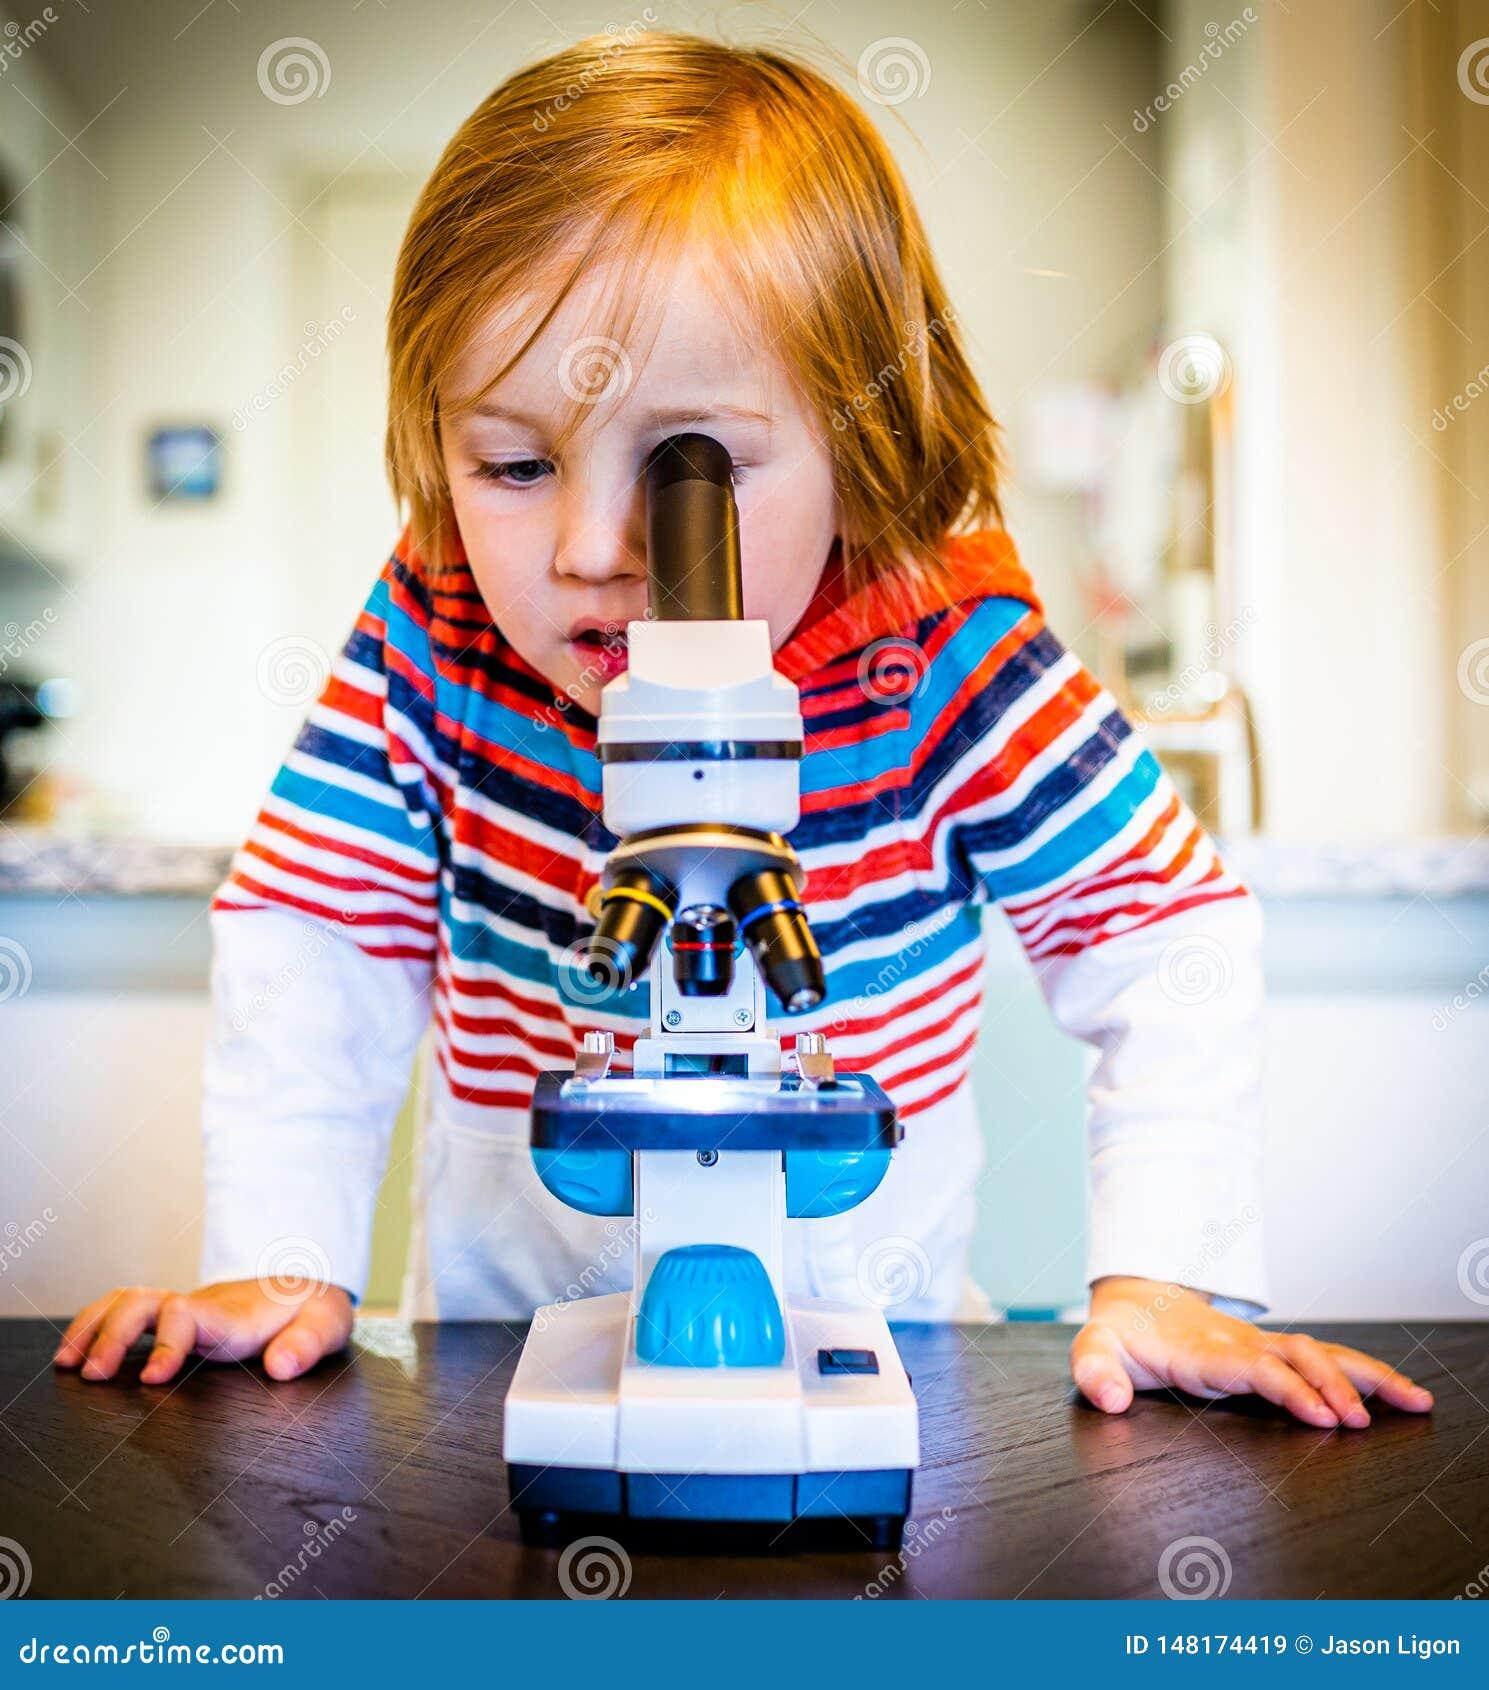 Молодой мальчик смотрит через микроскоп